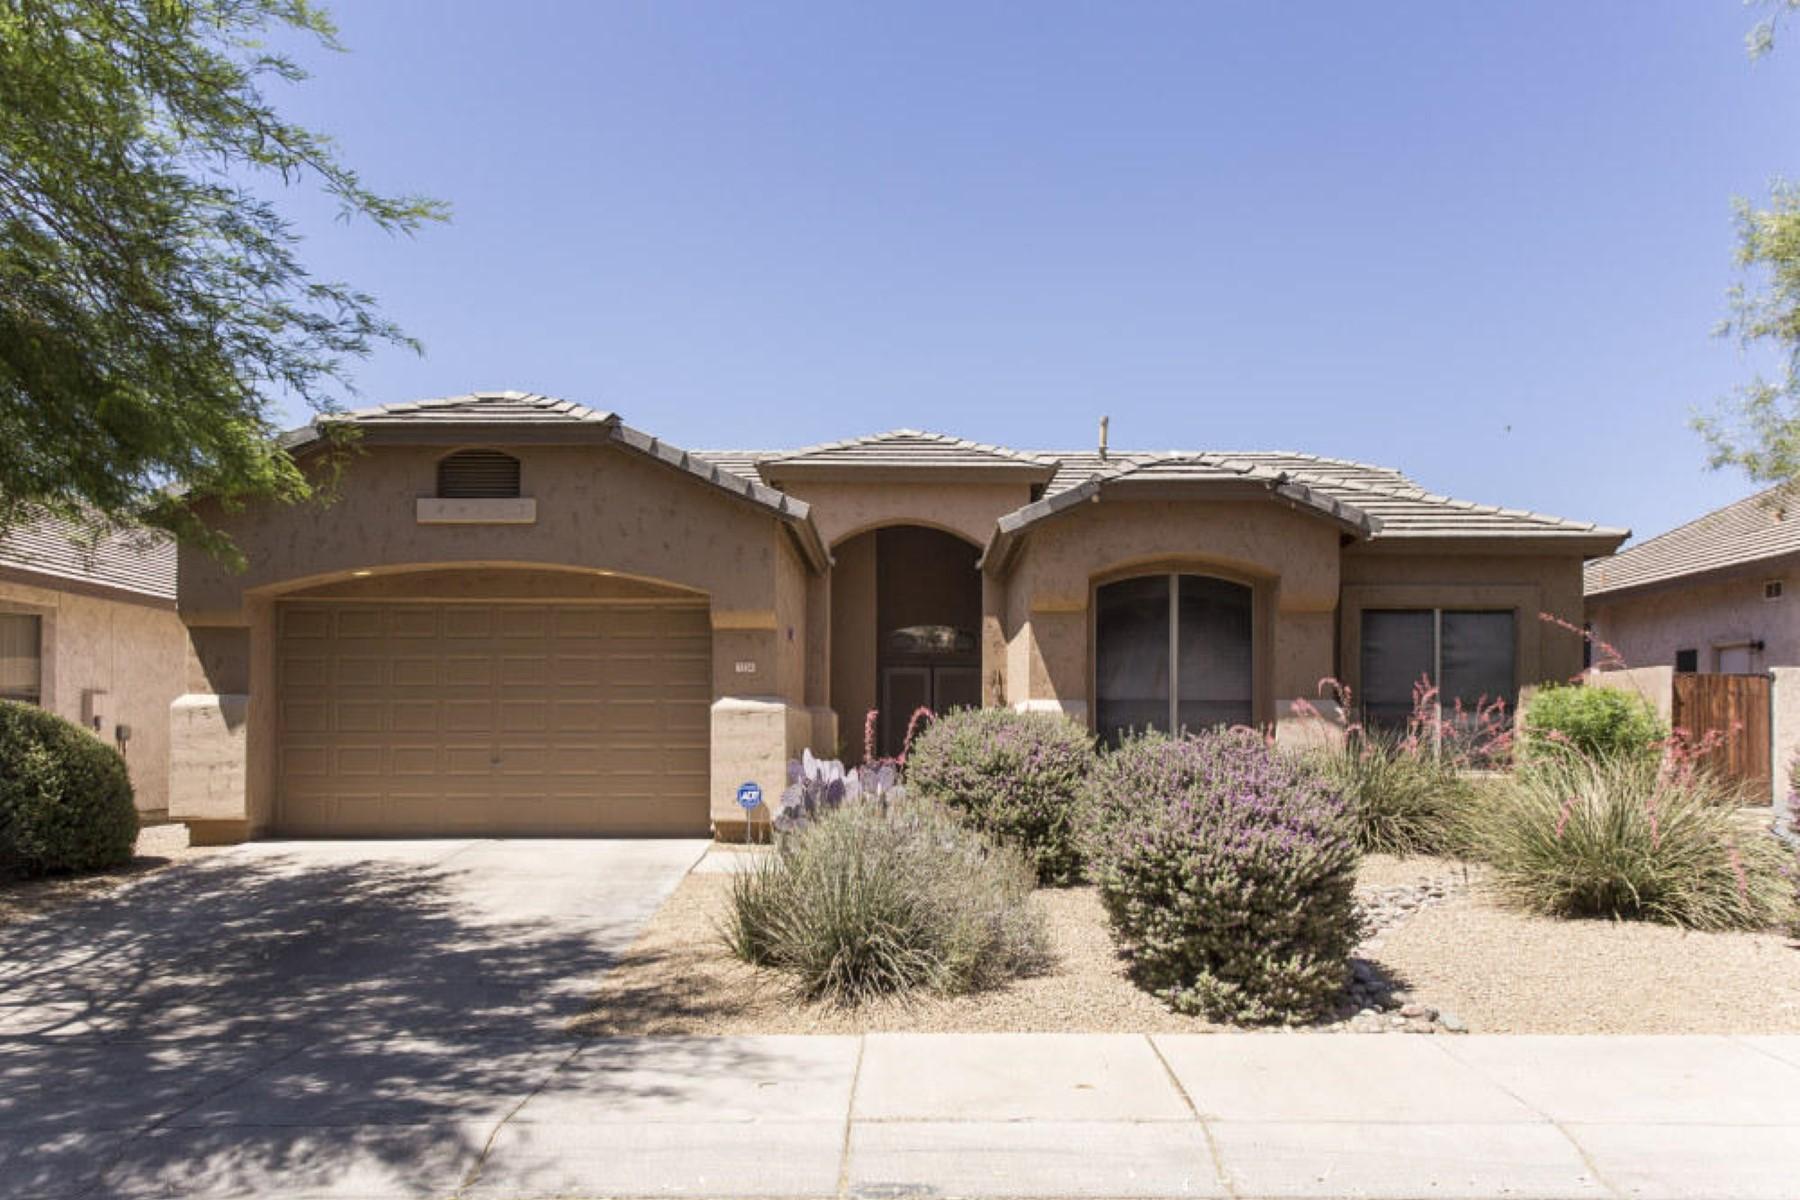 一戸建て のために 売買 アット Ideal location in popular North Scottsdale Grayhawk Community 7324 E Fledgling Dr Scottsdale, アリゾナ, 85255 アメリカ合衆国